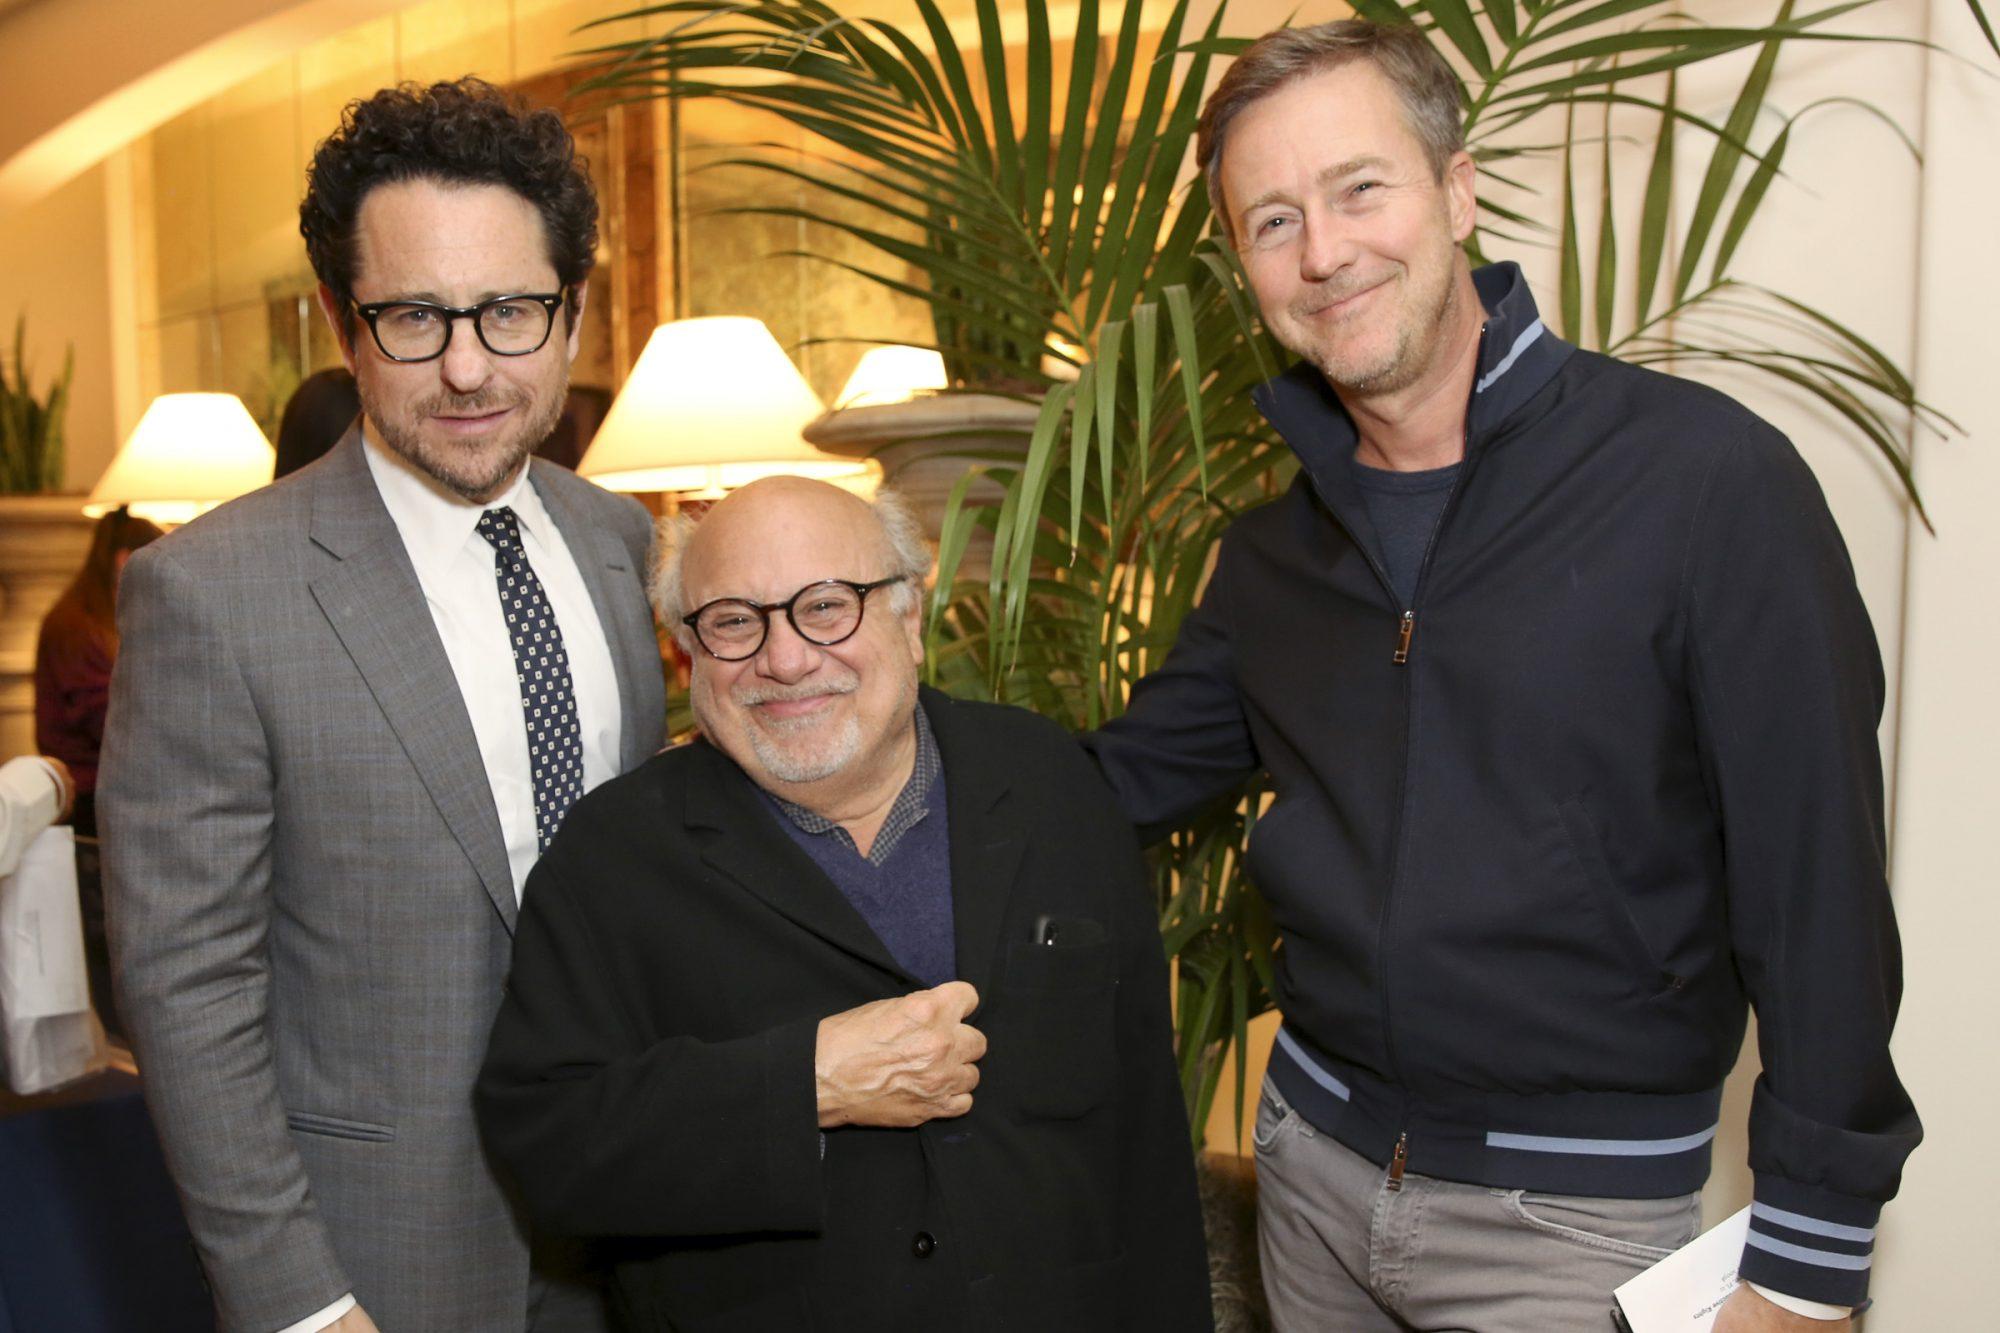 J.J. Abrams, Danny DeVito and Edward Norton